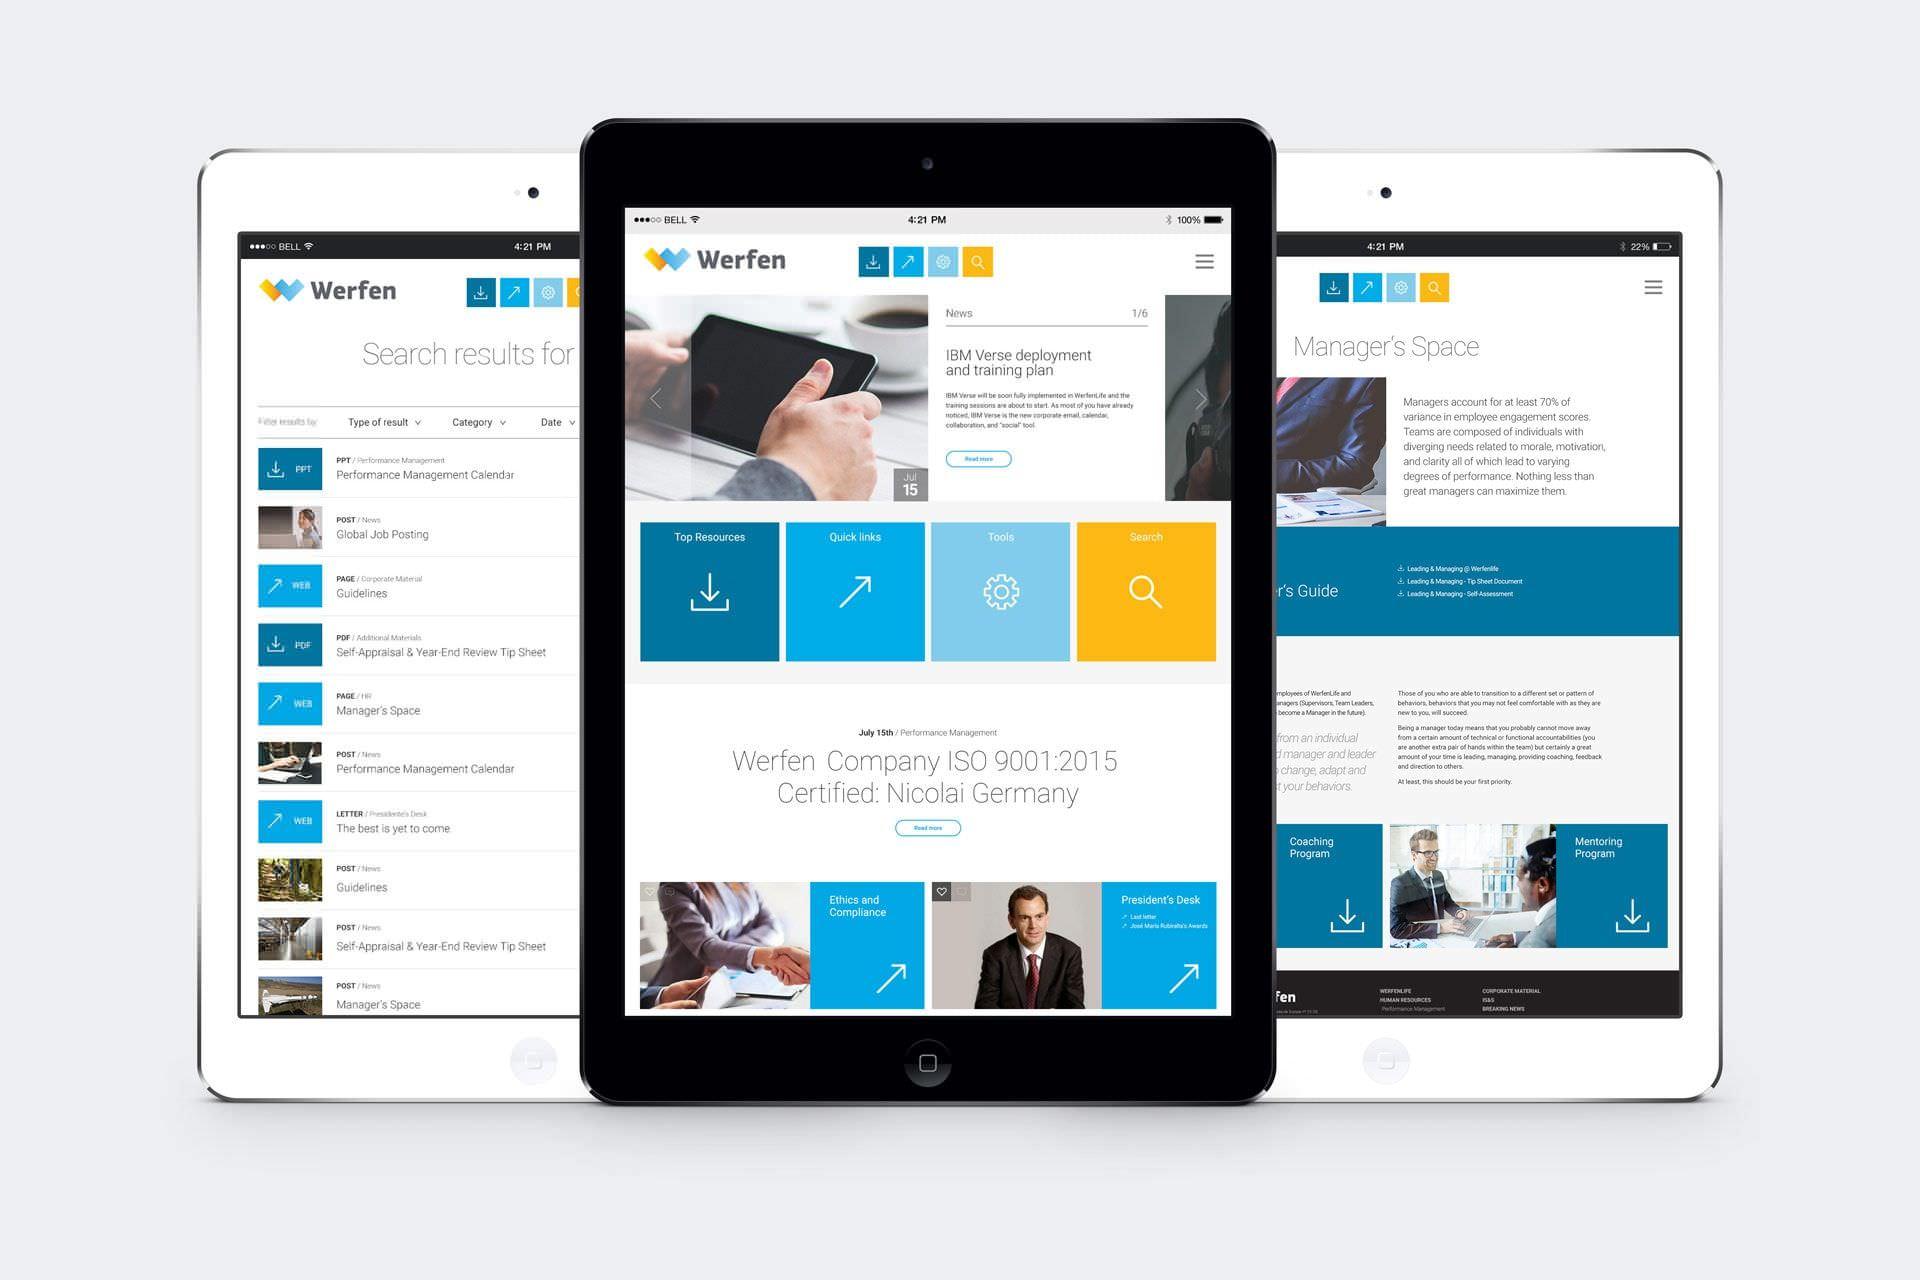 Diseño de la web de Werfen en diferentes dispositivos